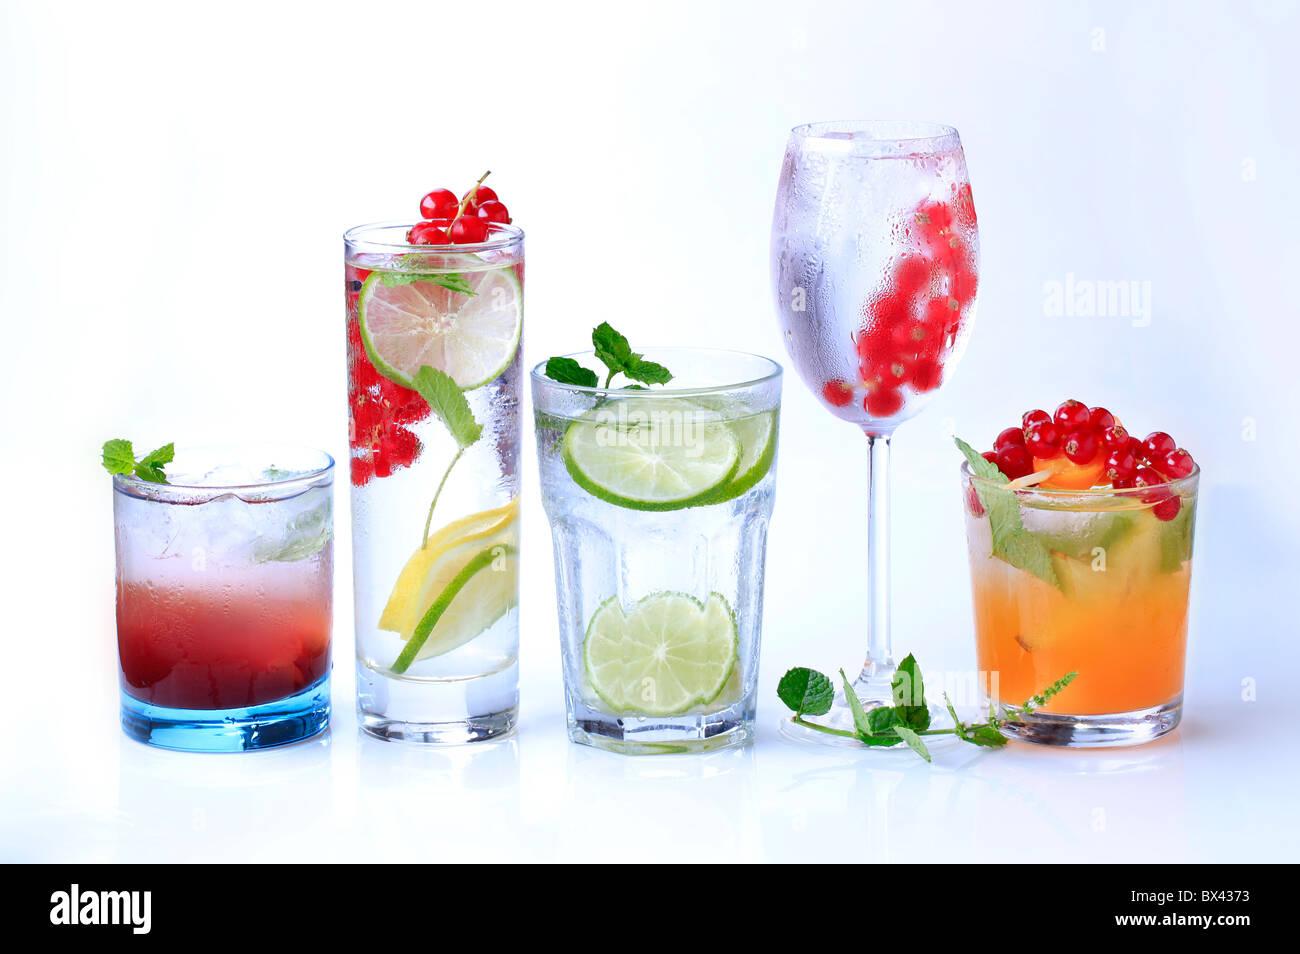 Gekühlte Getränke, garniert mit frischen Früchten Stockbild